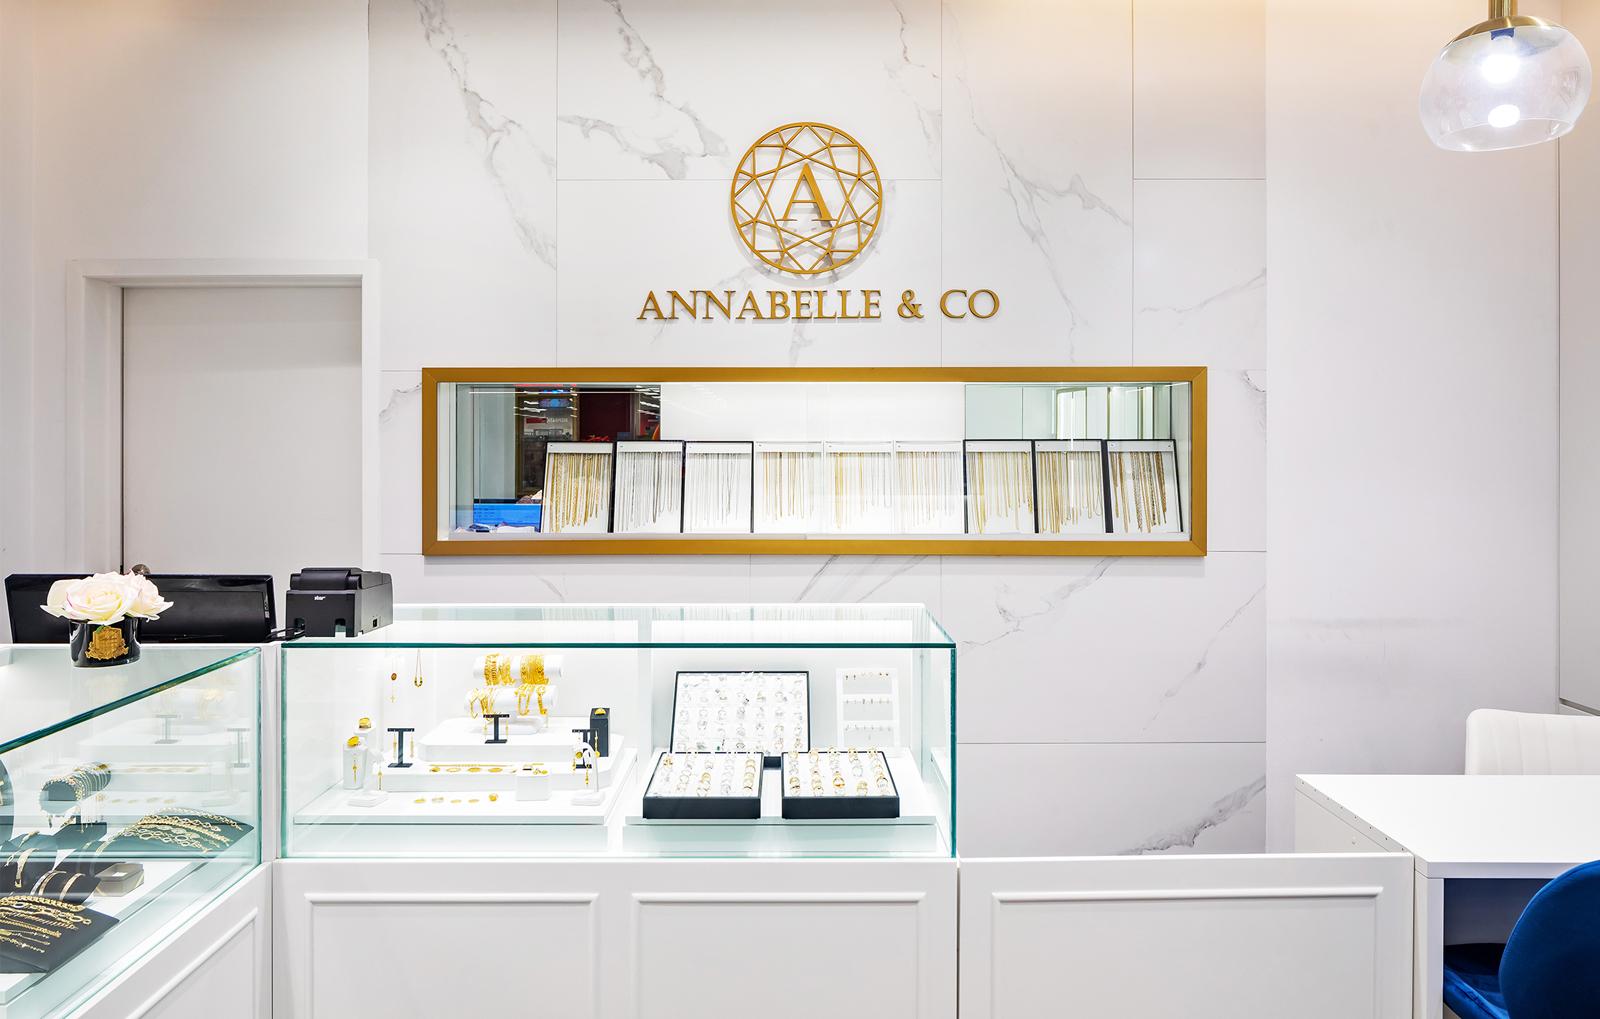 Annabelle & CO | Chullora